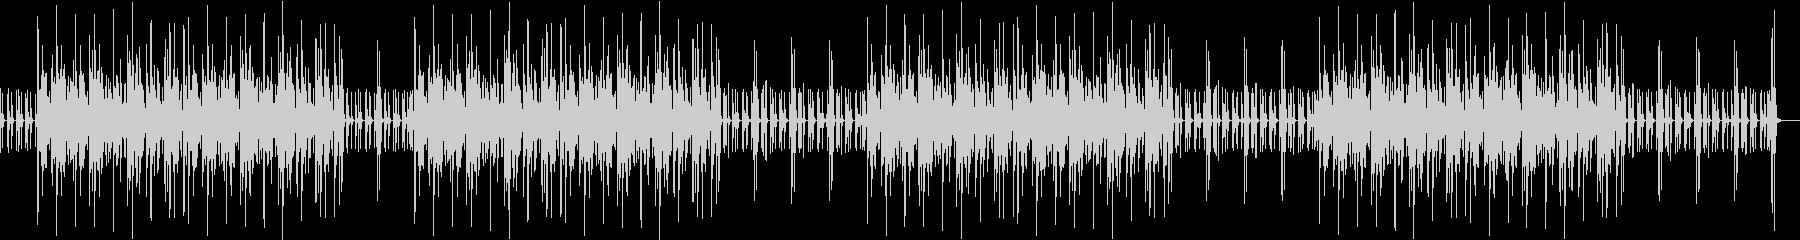 マリンバ ウクレレ 打楽器 ほのぼの日常の未再生の波形